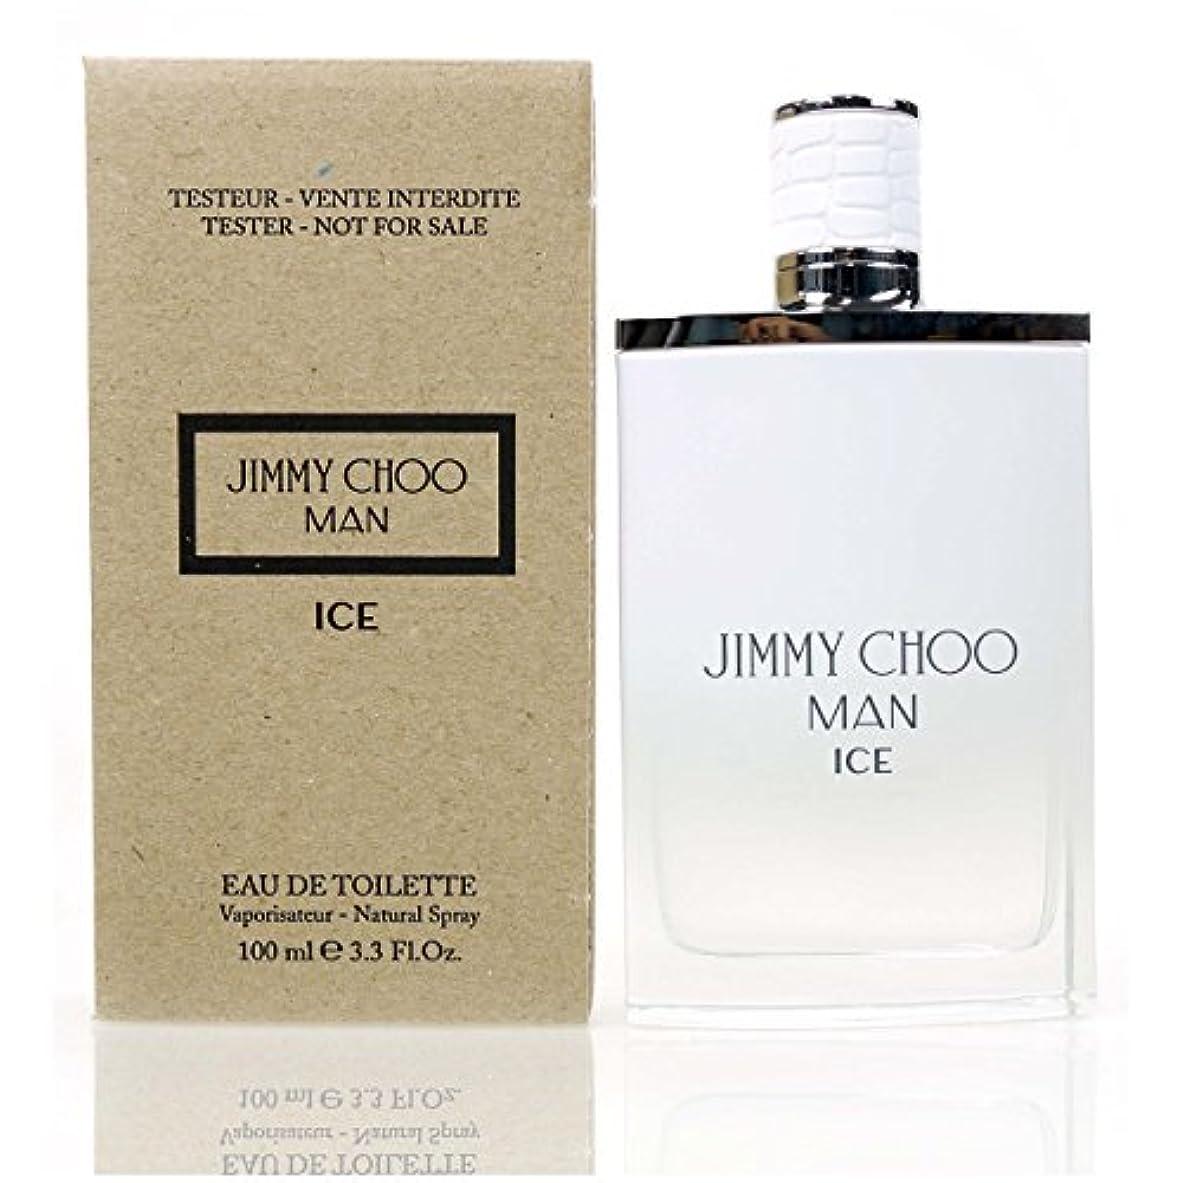 起きて緑ドレインジミーチュウ JIMMY CHOO マンアイス EDT SP 100ml 「アウトレット箱なし」JIMMY CHOO MAN ICE